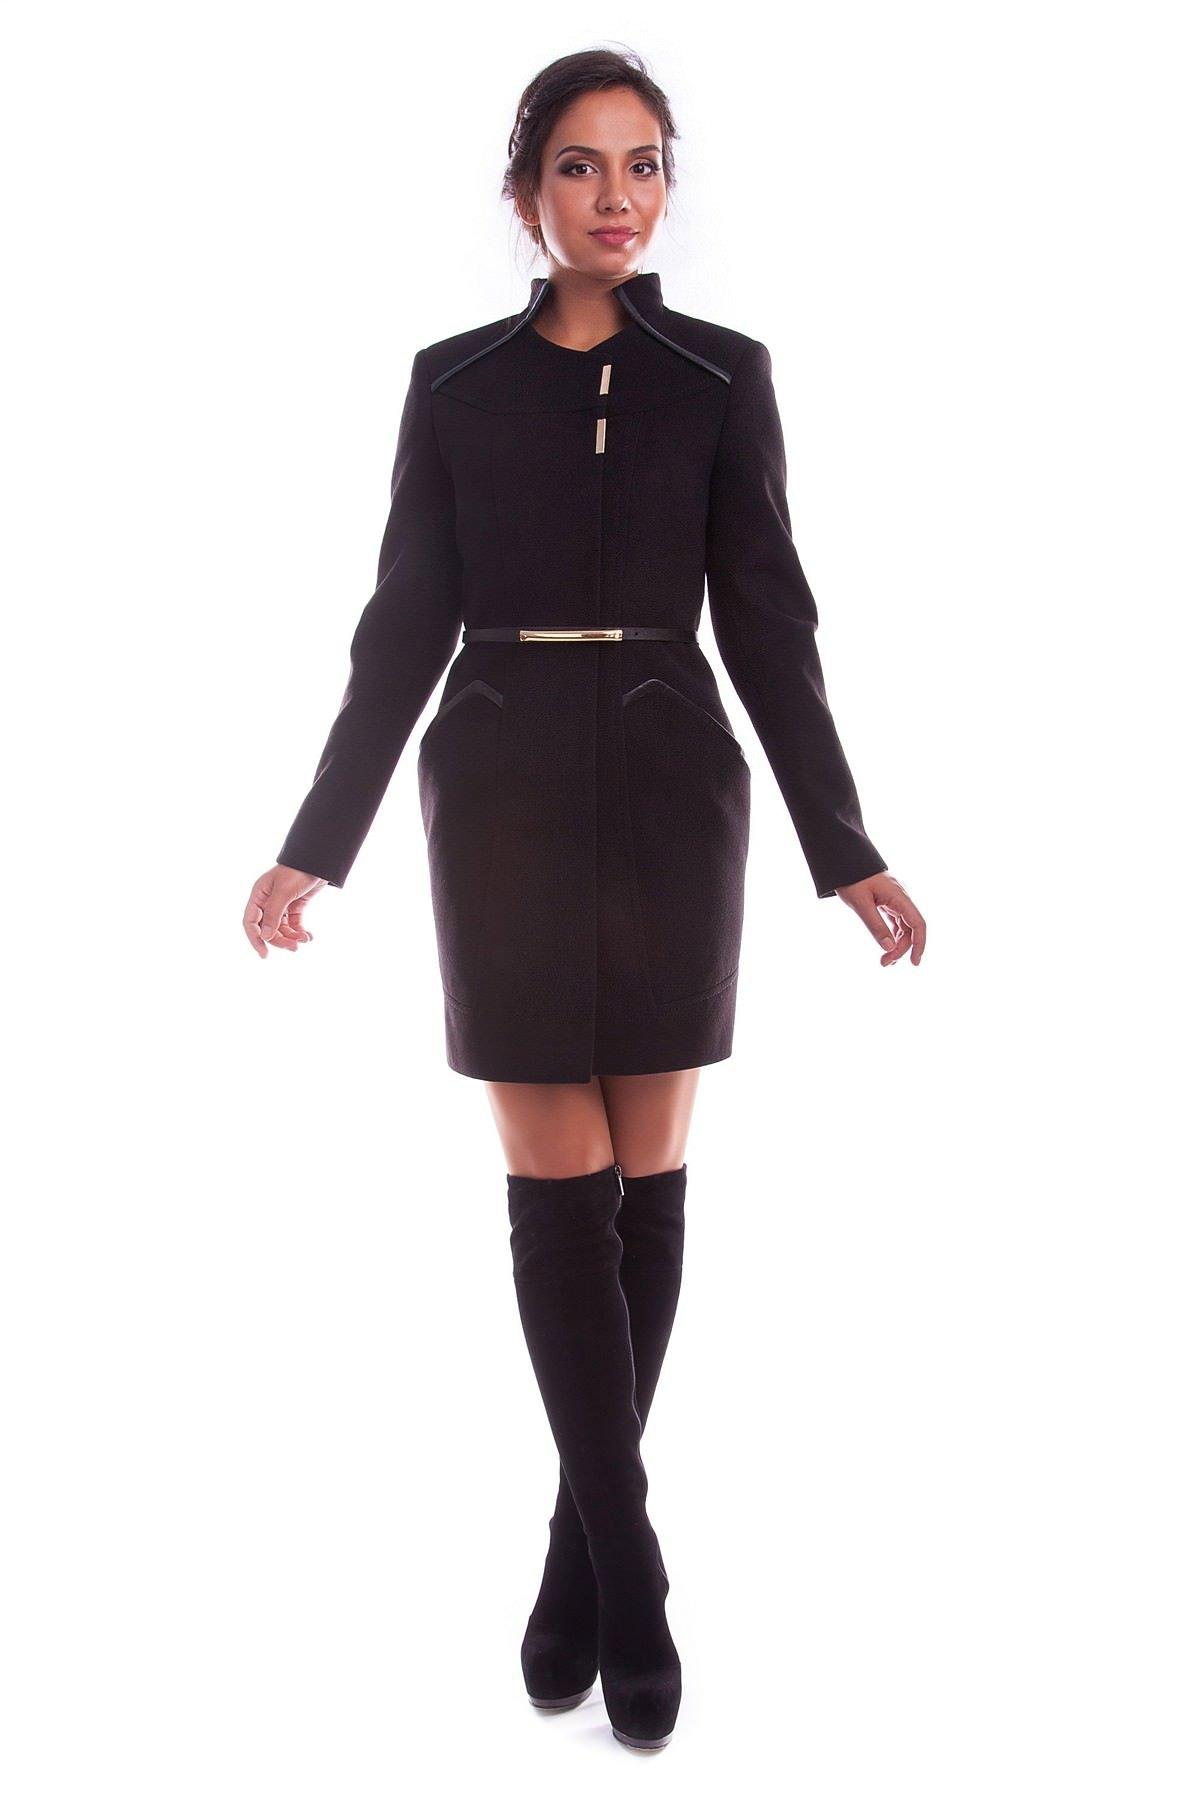 Купить пальто оптом Украина Пальто Севилья 4065